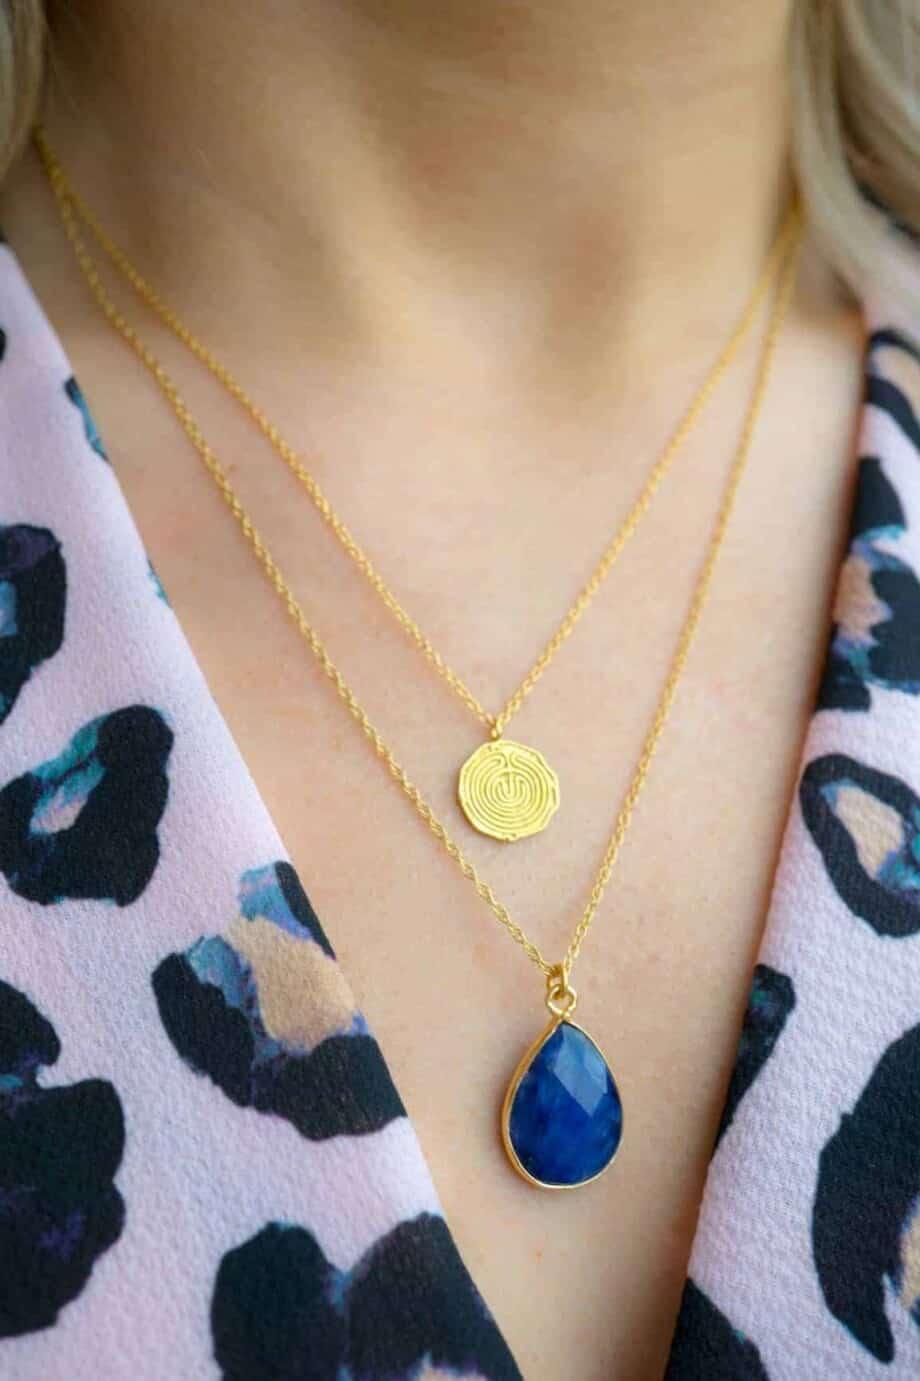 Handgemaakte Gouden Ketting met blauwe edelsteen hanger 'Blauwe saffier' van Goud op Zilver